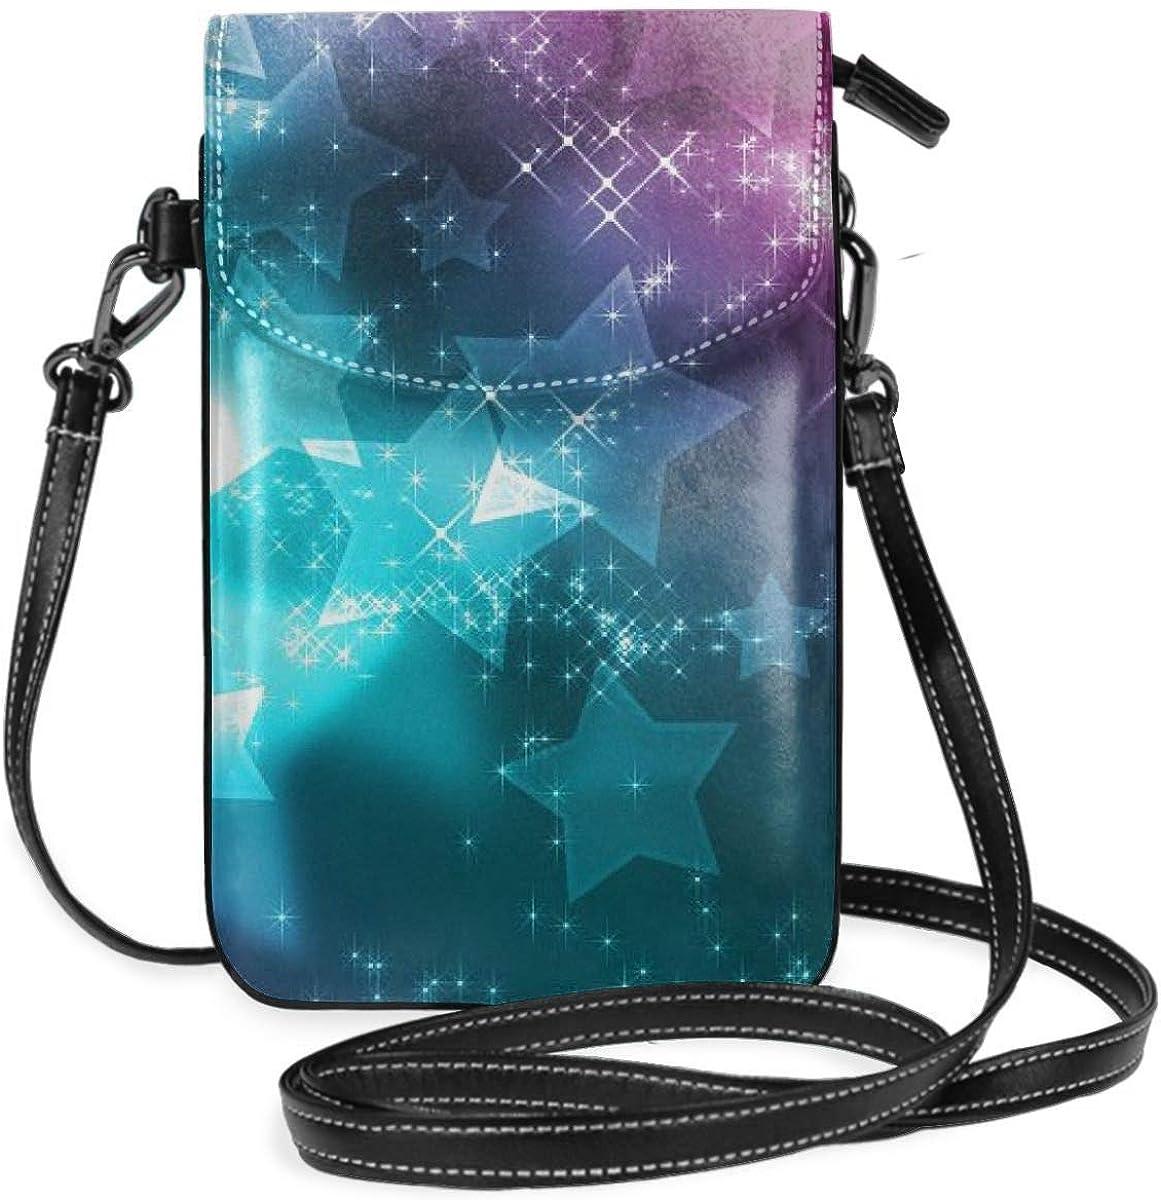 Ahdyr Monedero pequeño para teléfono celular para mujer, de cuero, con interior de nube femenino, ranuras para tarjetas, bolsos cruzados, billetera, bandolera